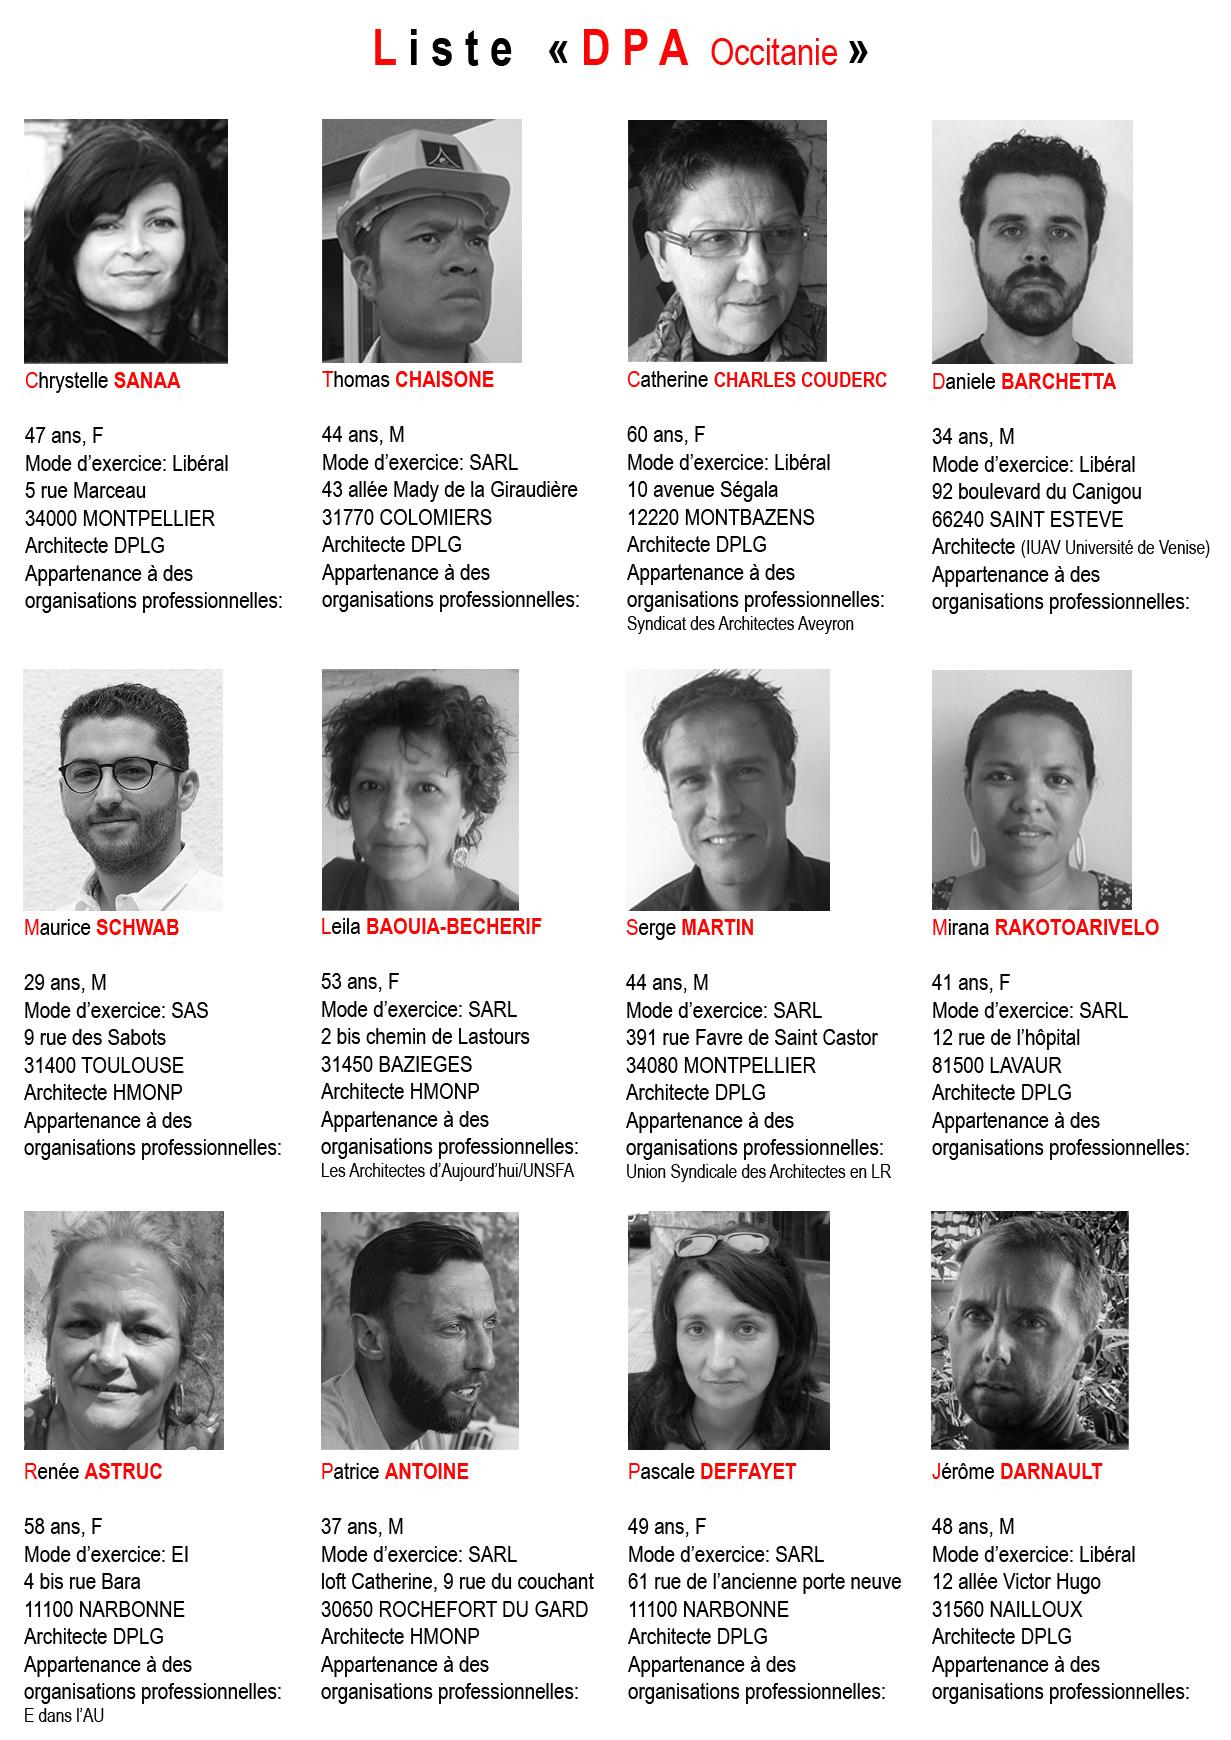 Région Occitanie - Liste DpA - Élections ordinales 2017